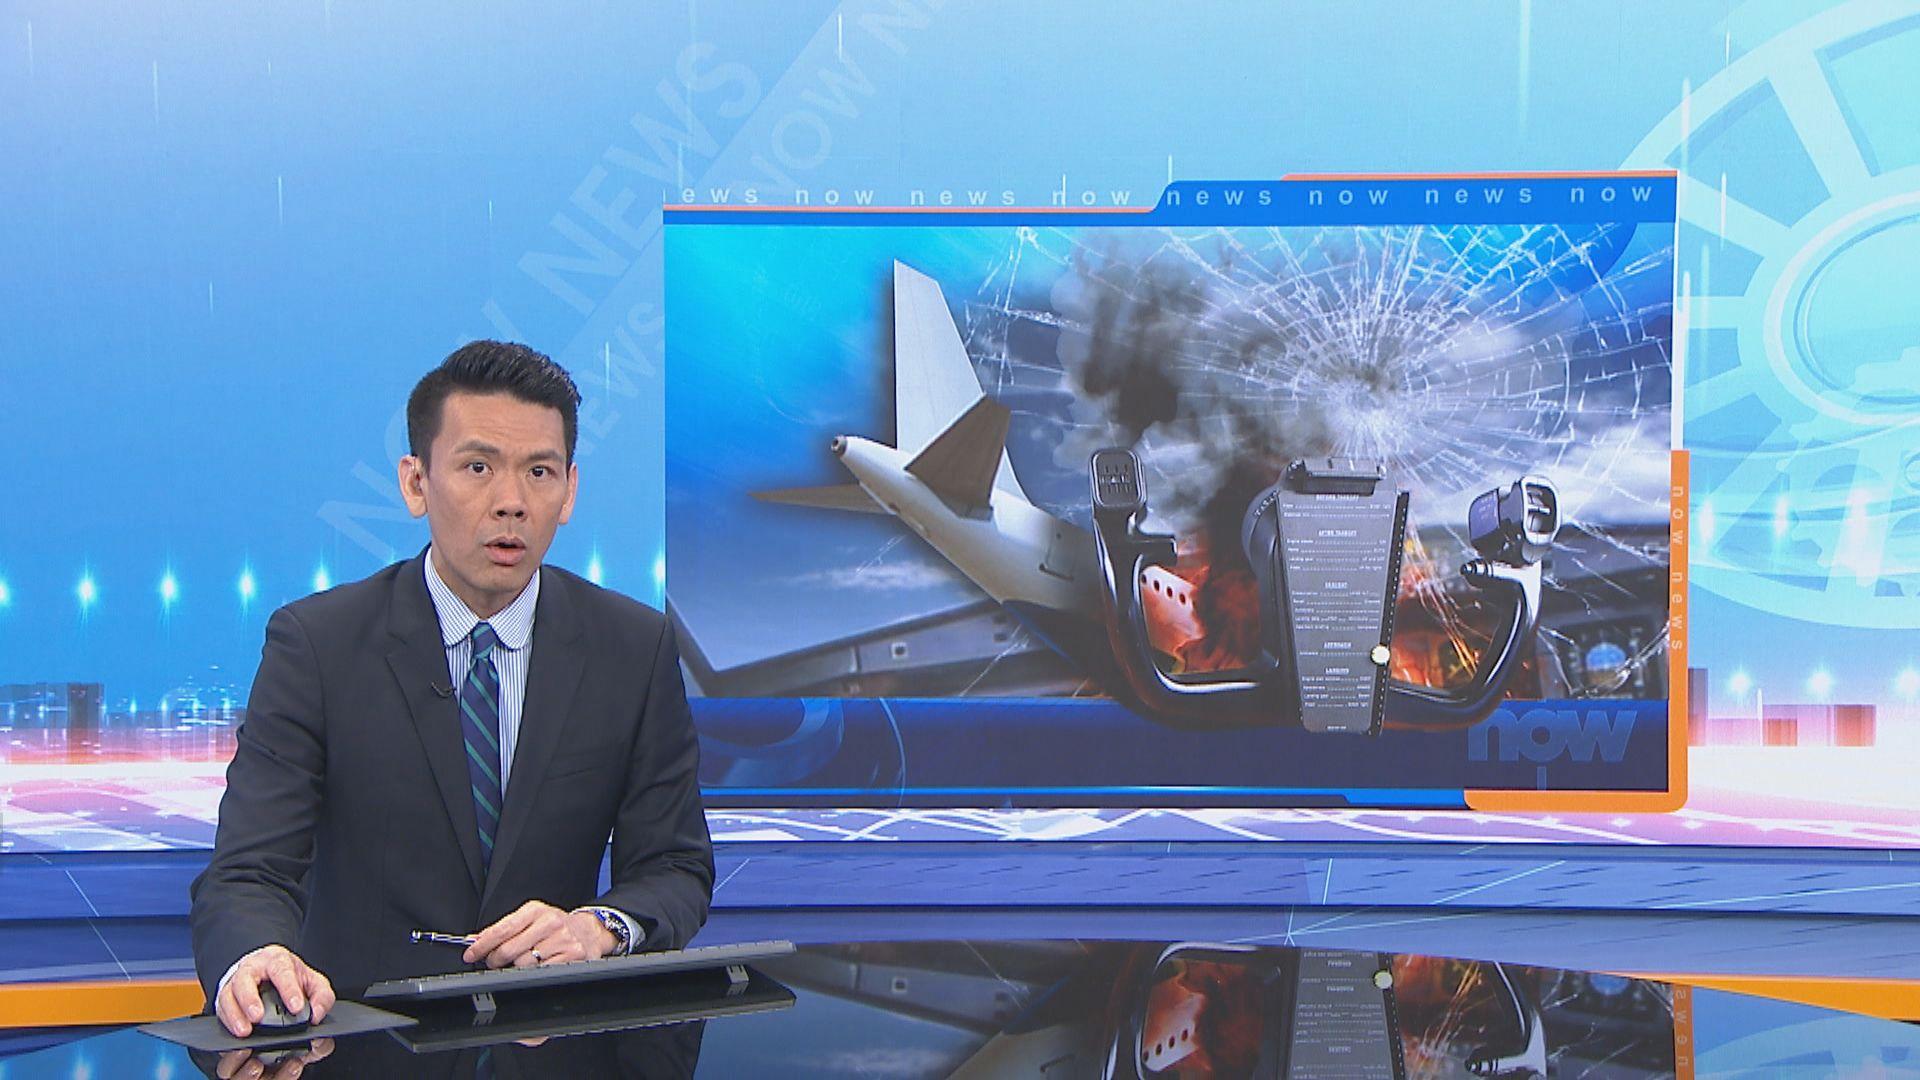 印尼獅子航空客機由雅加達起飛後失蹤報道指已墜毀